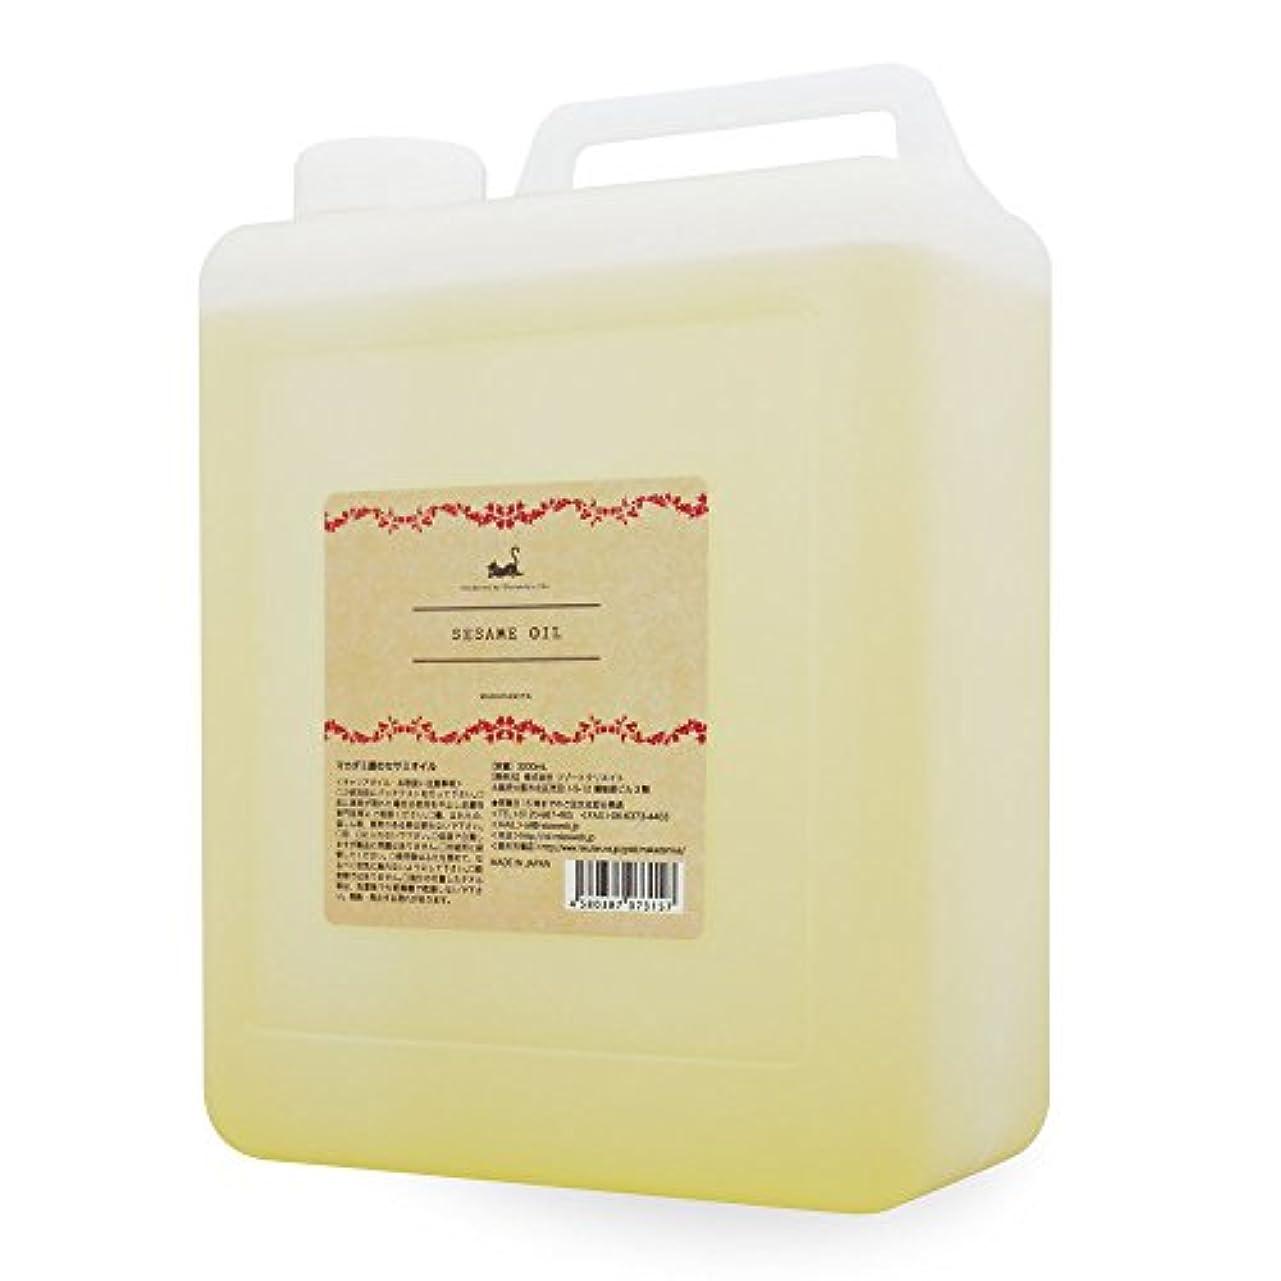 風味レーザ一緒セサミオイル3000ml (白ゴマ油/コック付) 高級サロン仕様 マッサージオイル キャリアオイル (フェイス/ボディ用) 業務用?大容量